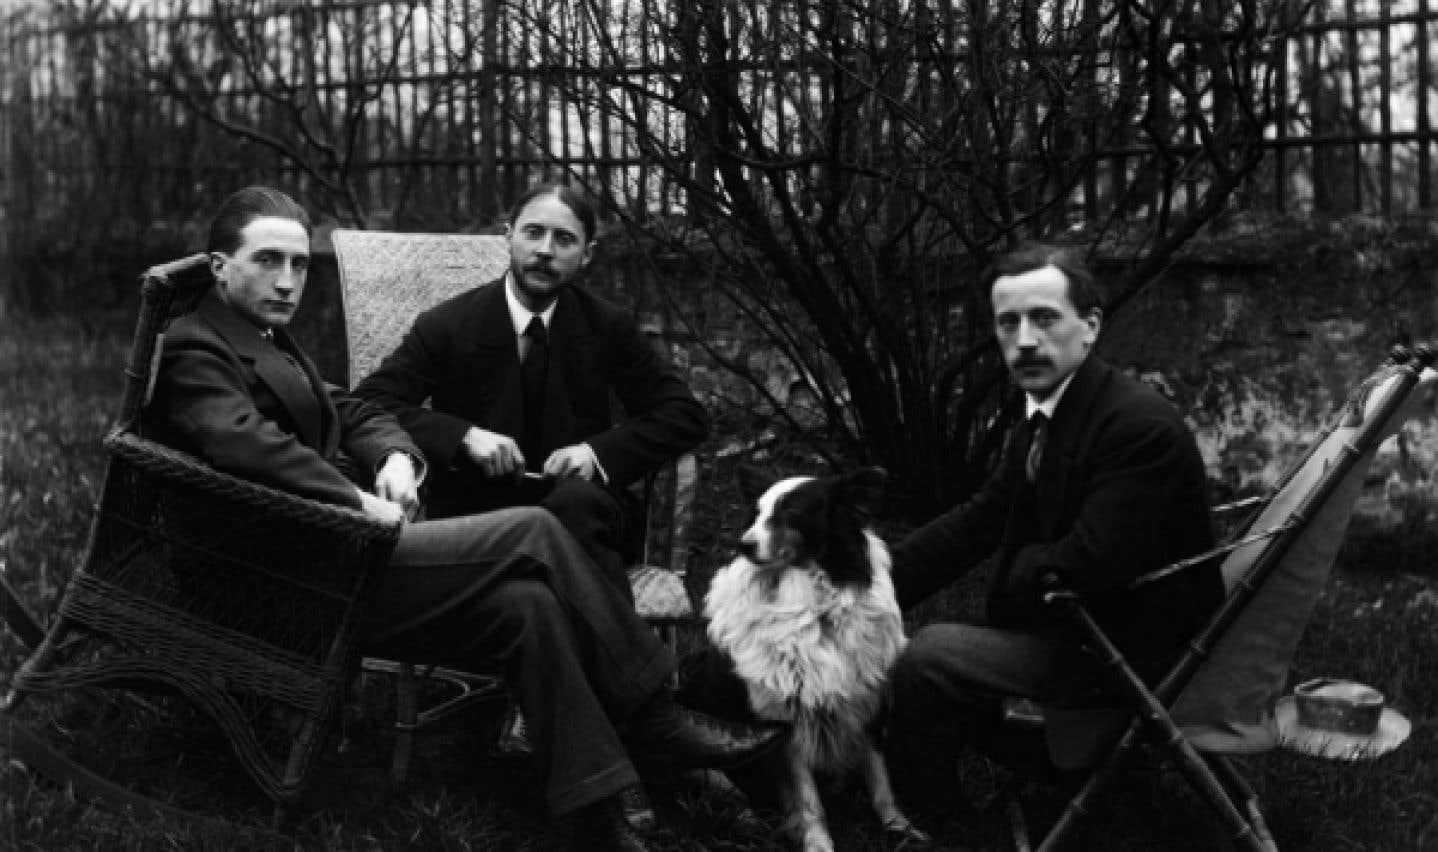 Marcel Duchamp, Jacques Villon et Raymond Duchamp-Villon dans le jardin de l'atelier de Puteaux. La photographie aurait été prise vers 1912-1913.